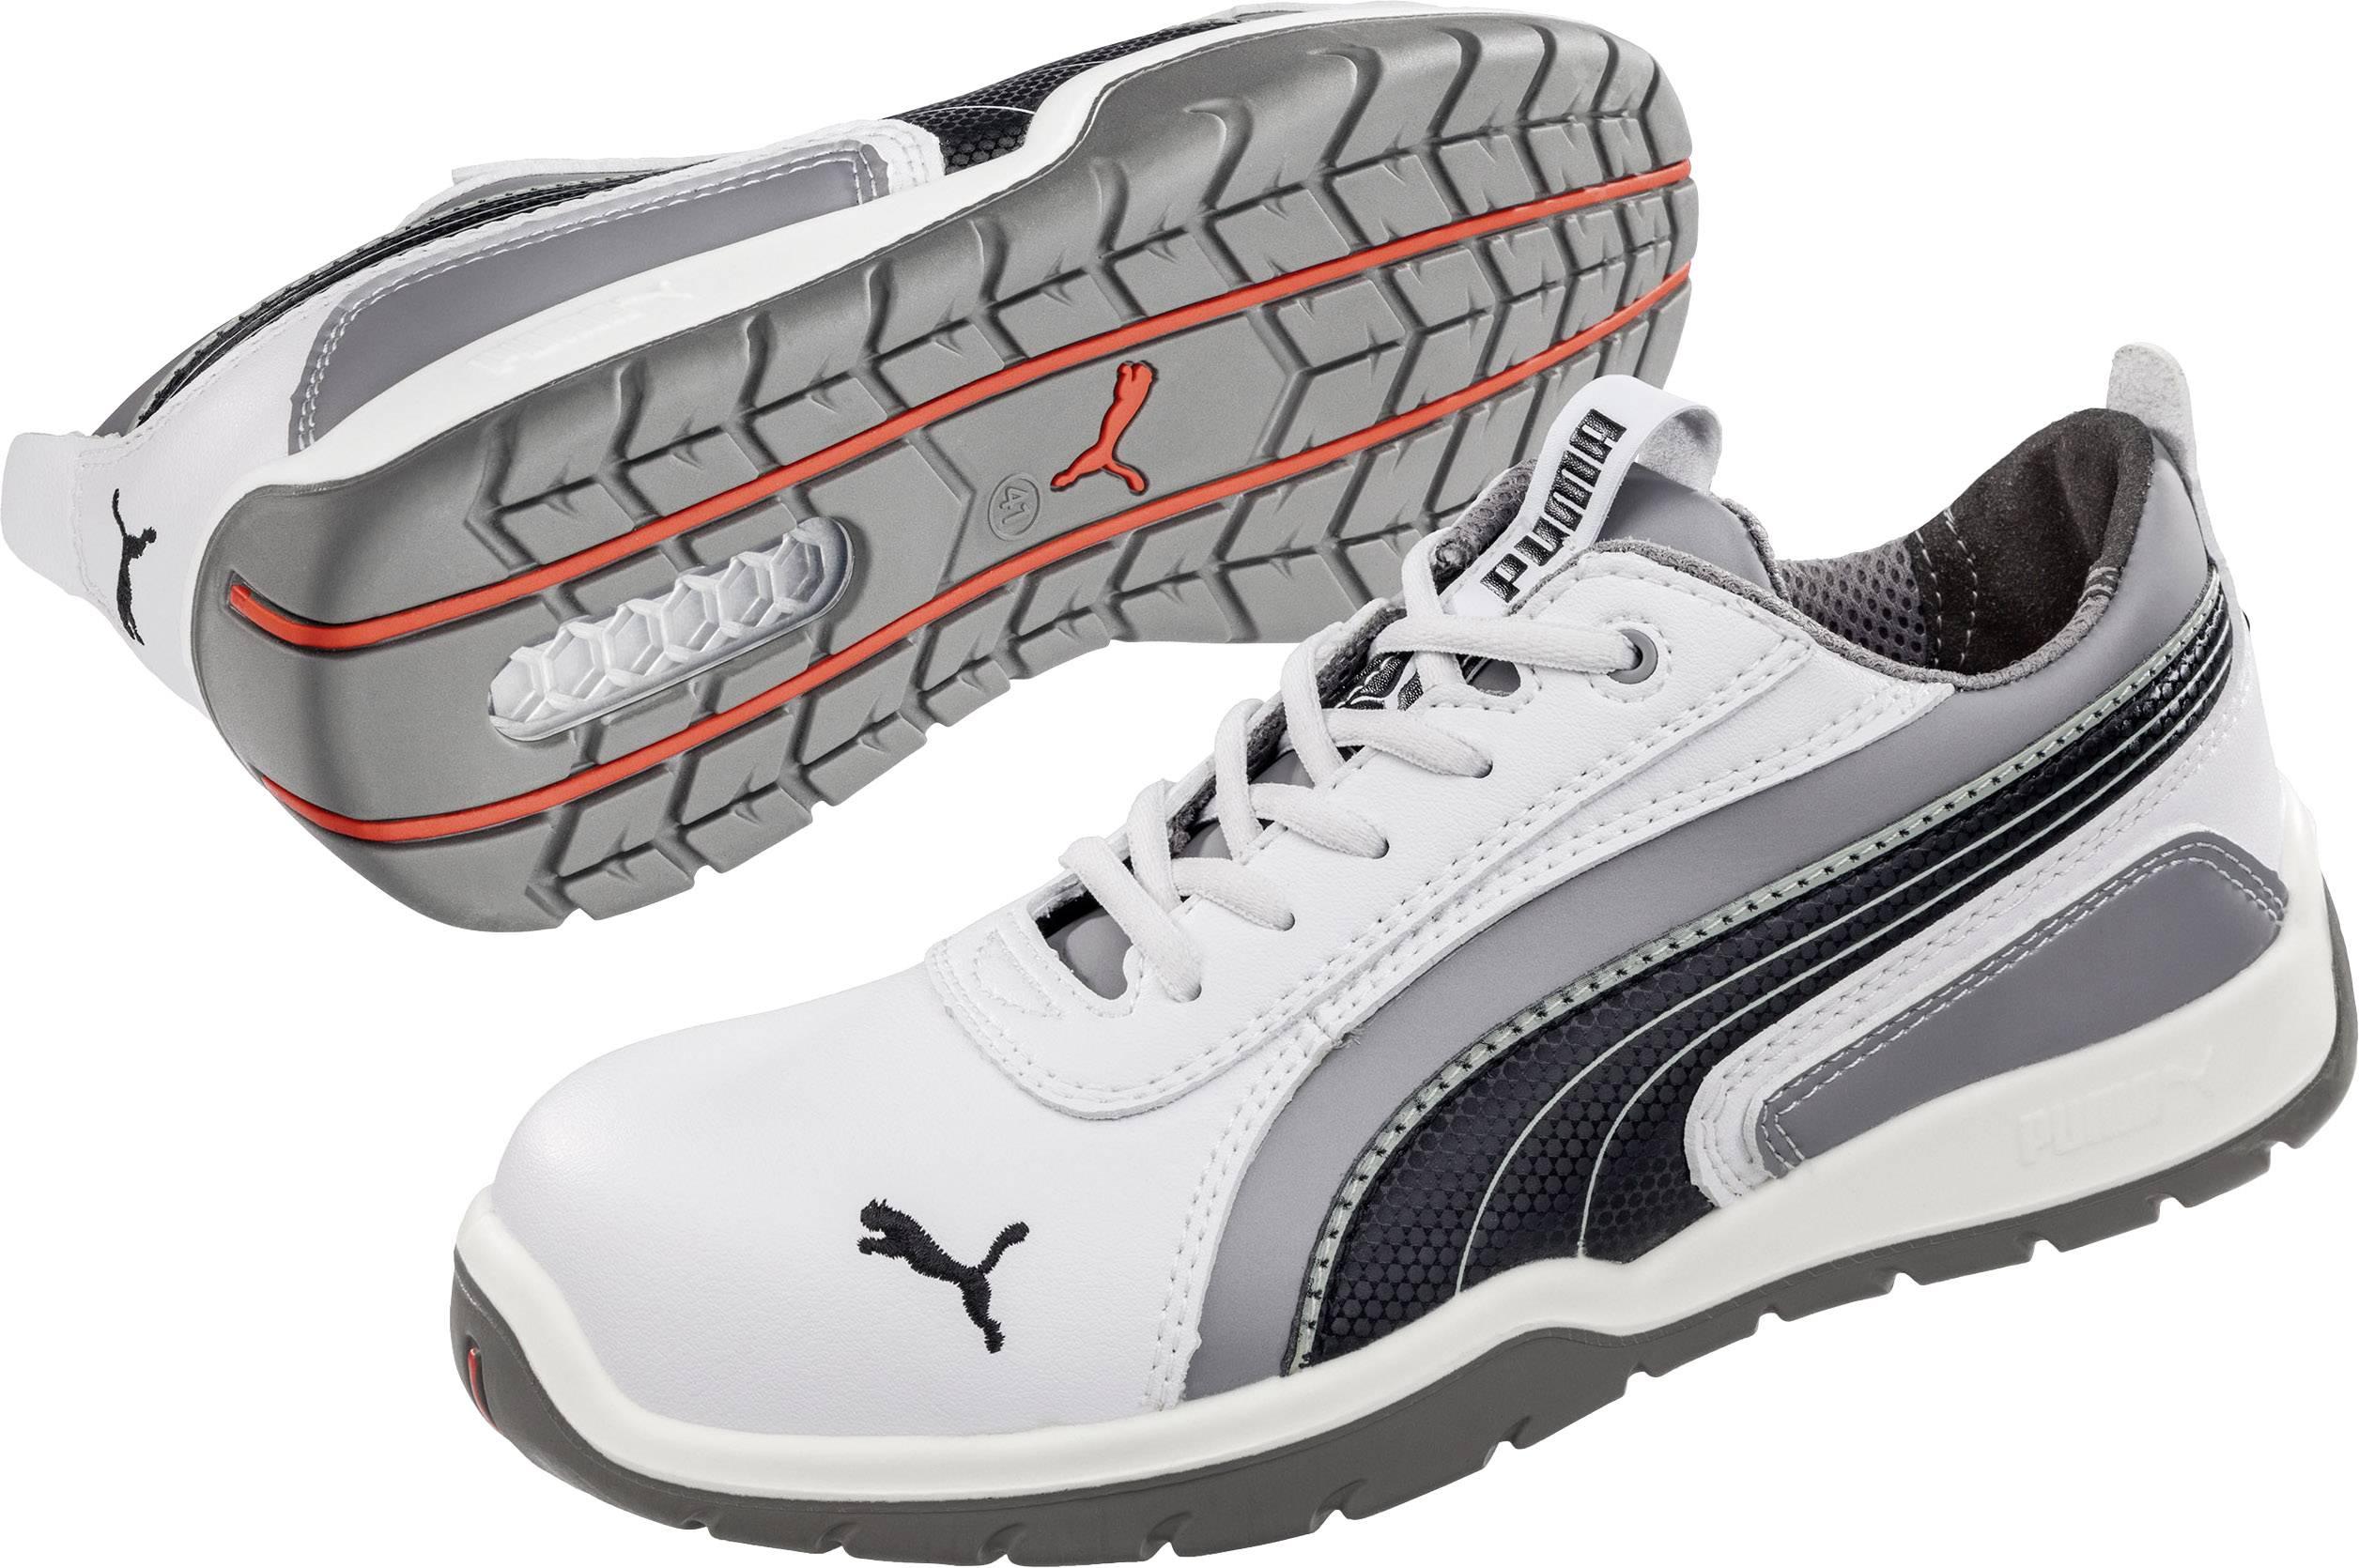 Chaussures de sécurité S3 PUMA Safety Monaco Low 642650 Taille: 42 blanc, gris 1 paire(s)